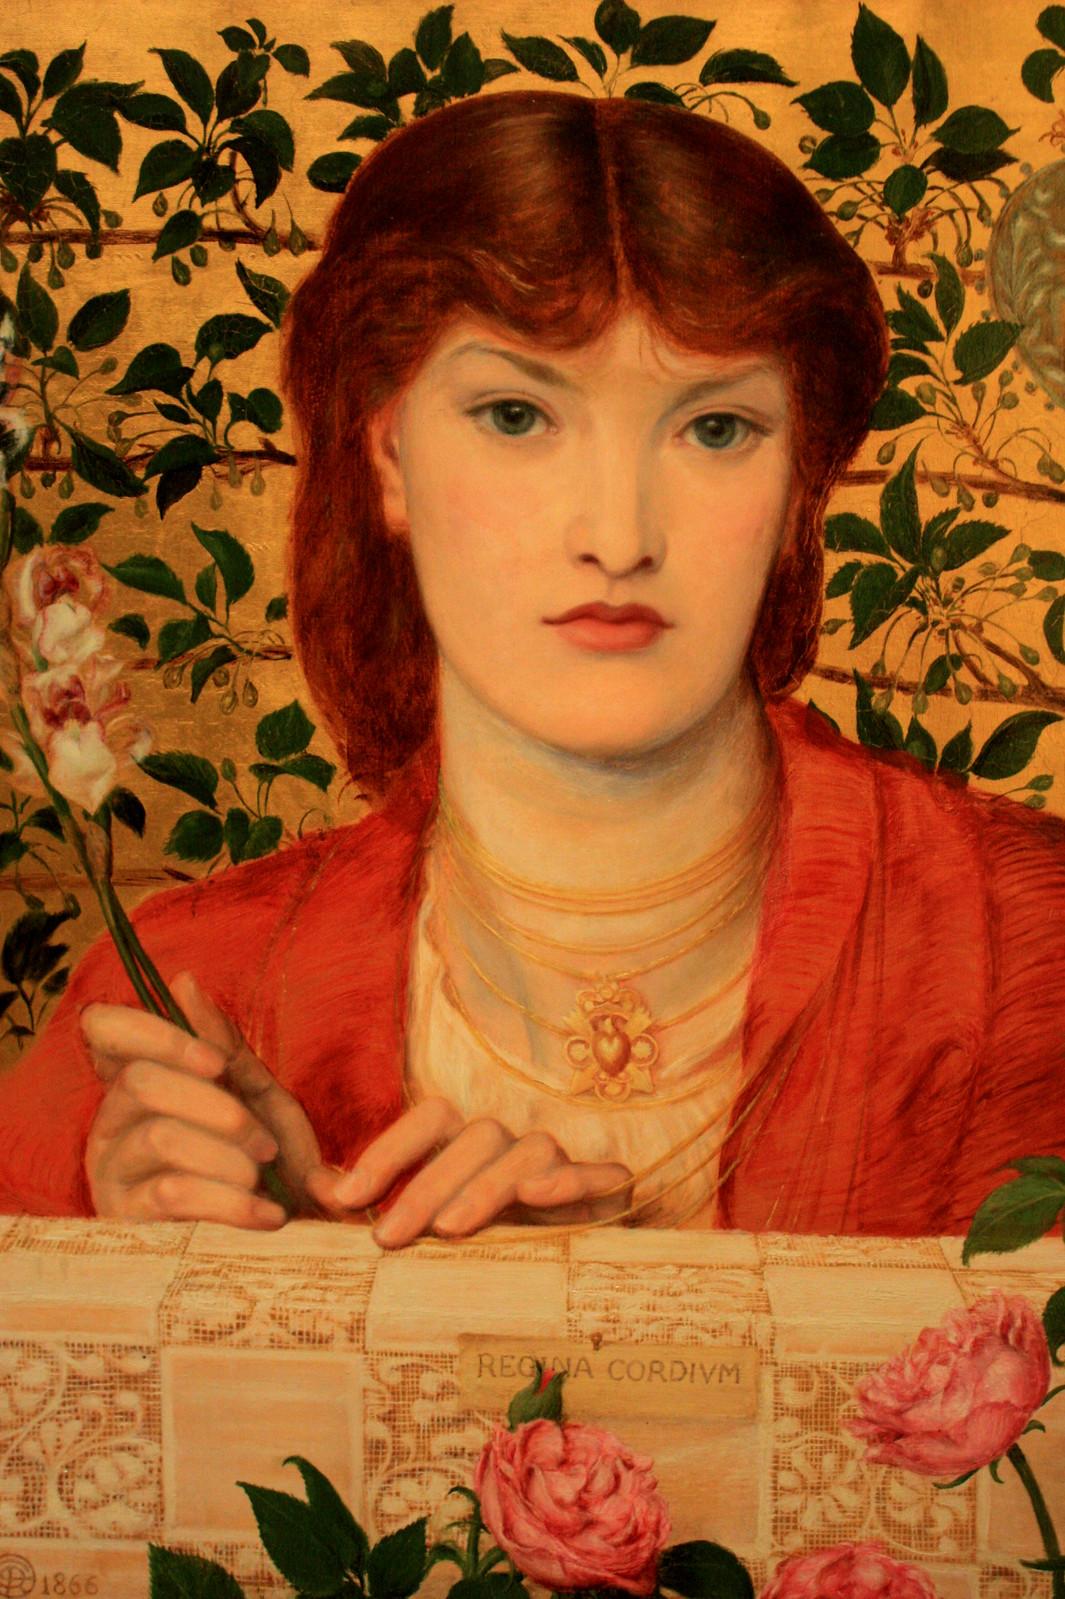 Regina Cordium by Dante Gabriel Rossetti, 1866